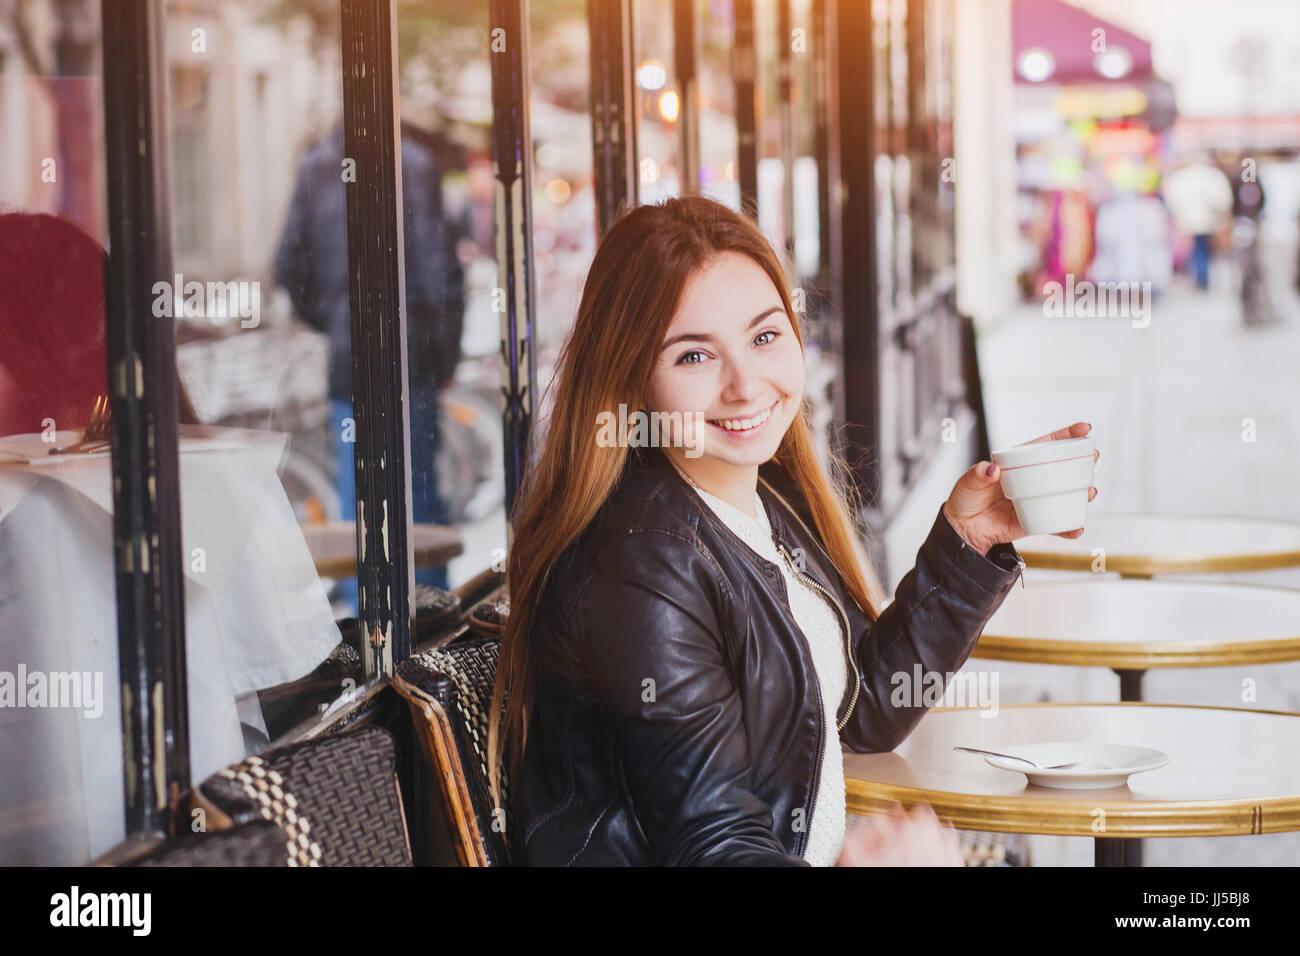 Glücklich lächelnde Frau trinkt Kaffee in Straßencafés und auf Kamera, gute Laune Stockbild